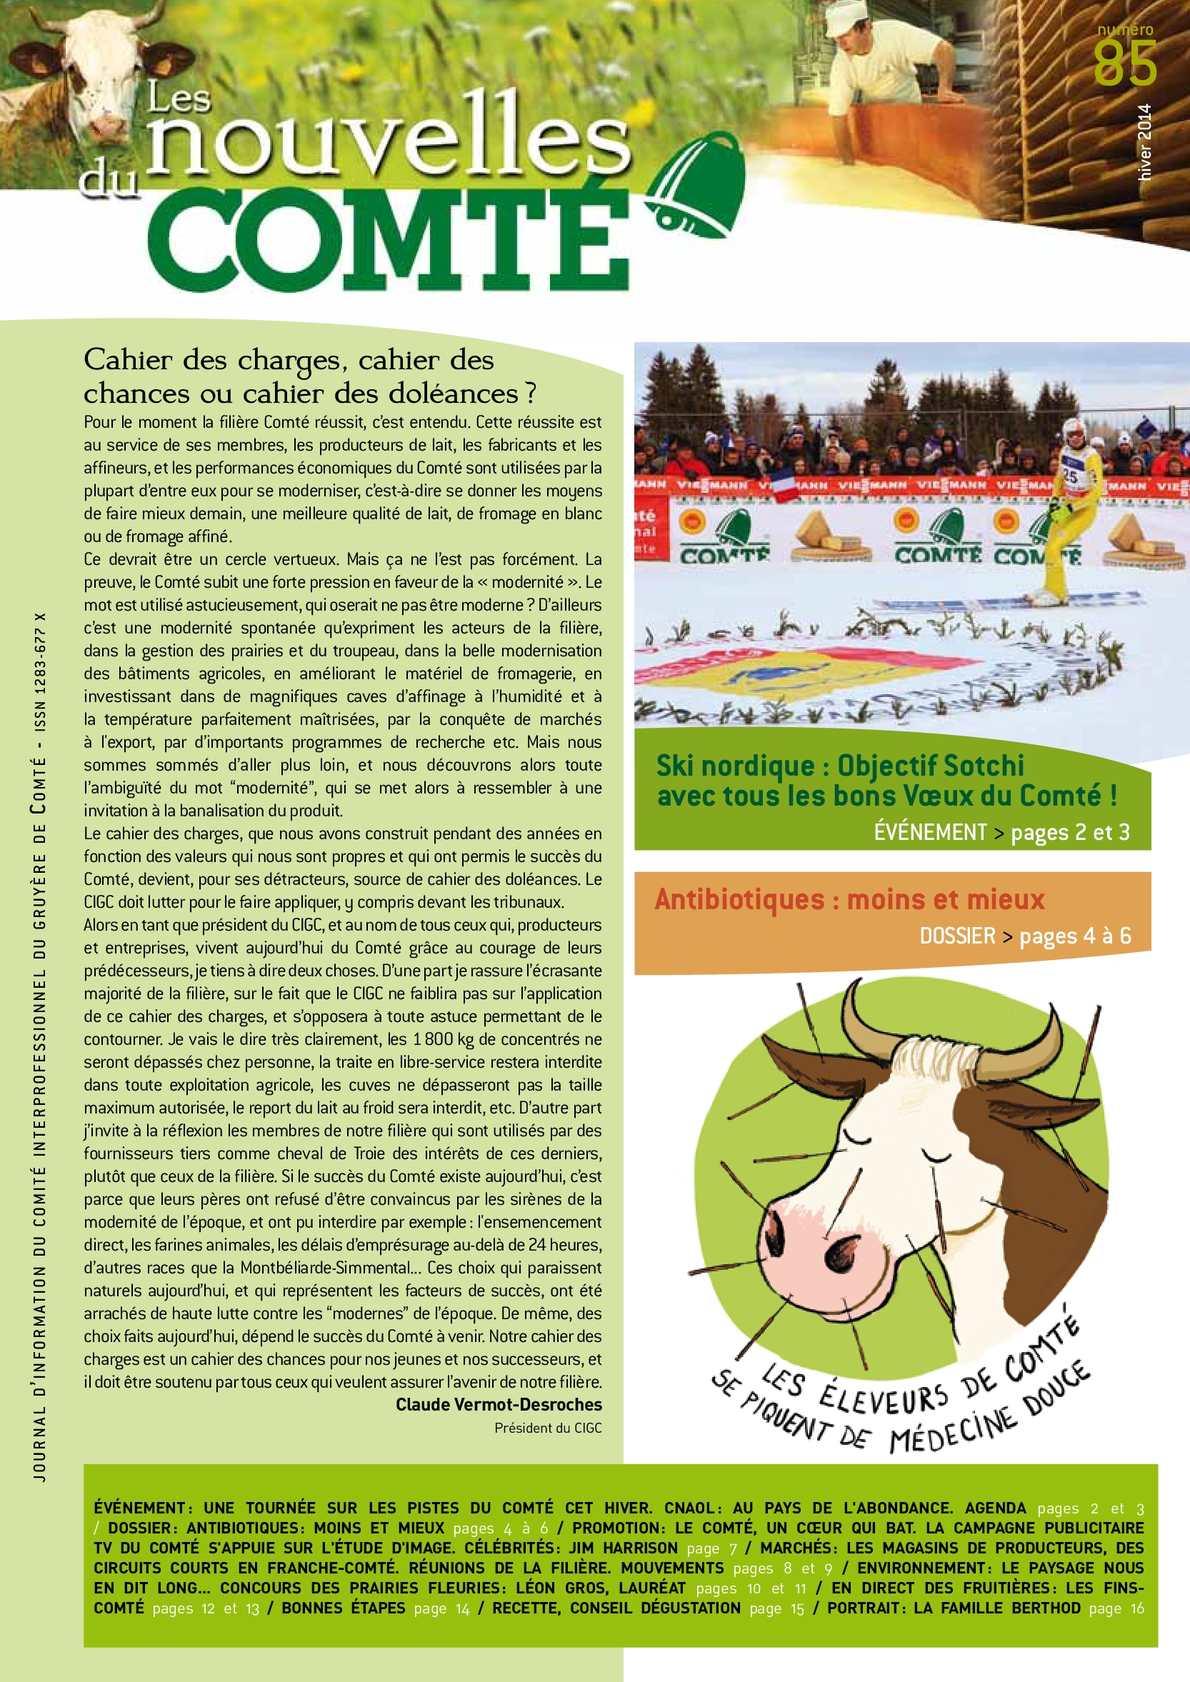 Calaméo - Les Nouvelles du Comté n°85 - Hiver 2014